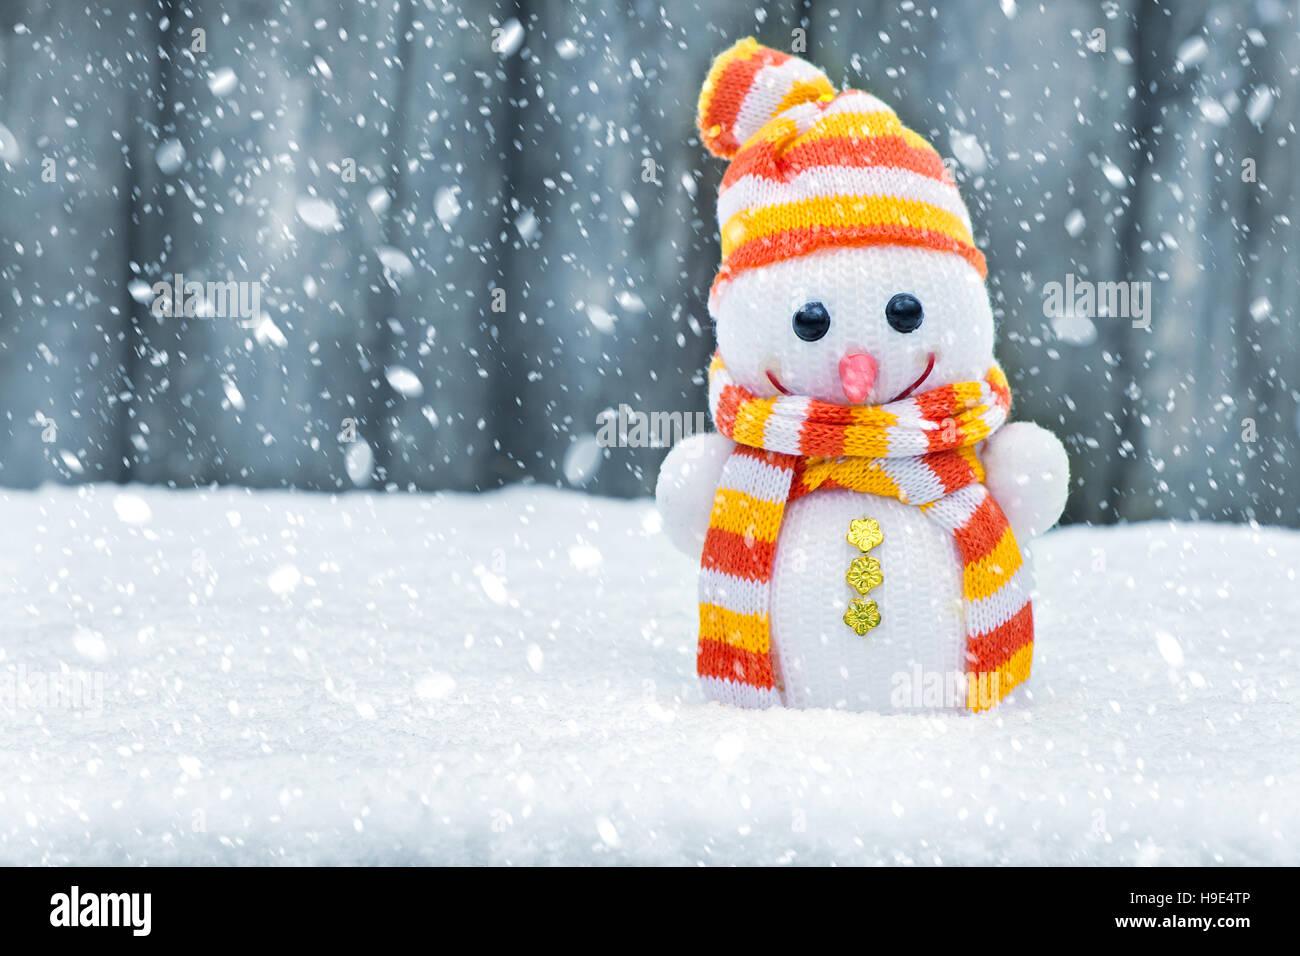 Niedlichen Schneemann im Schnee. Christmas Card glücklich Schneemann ...